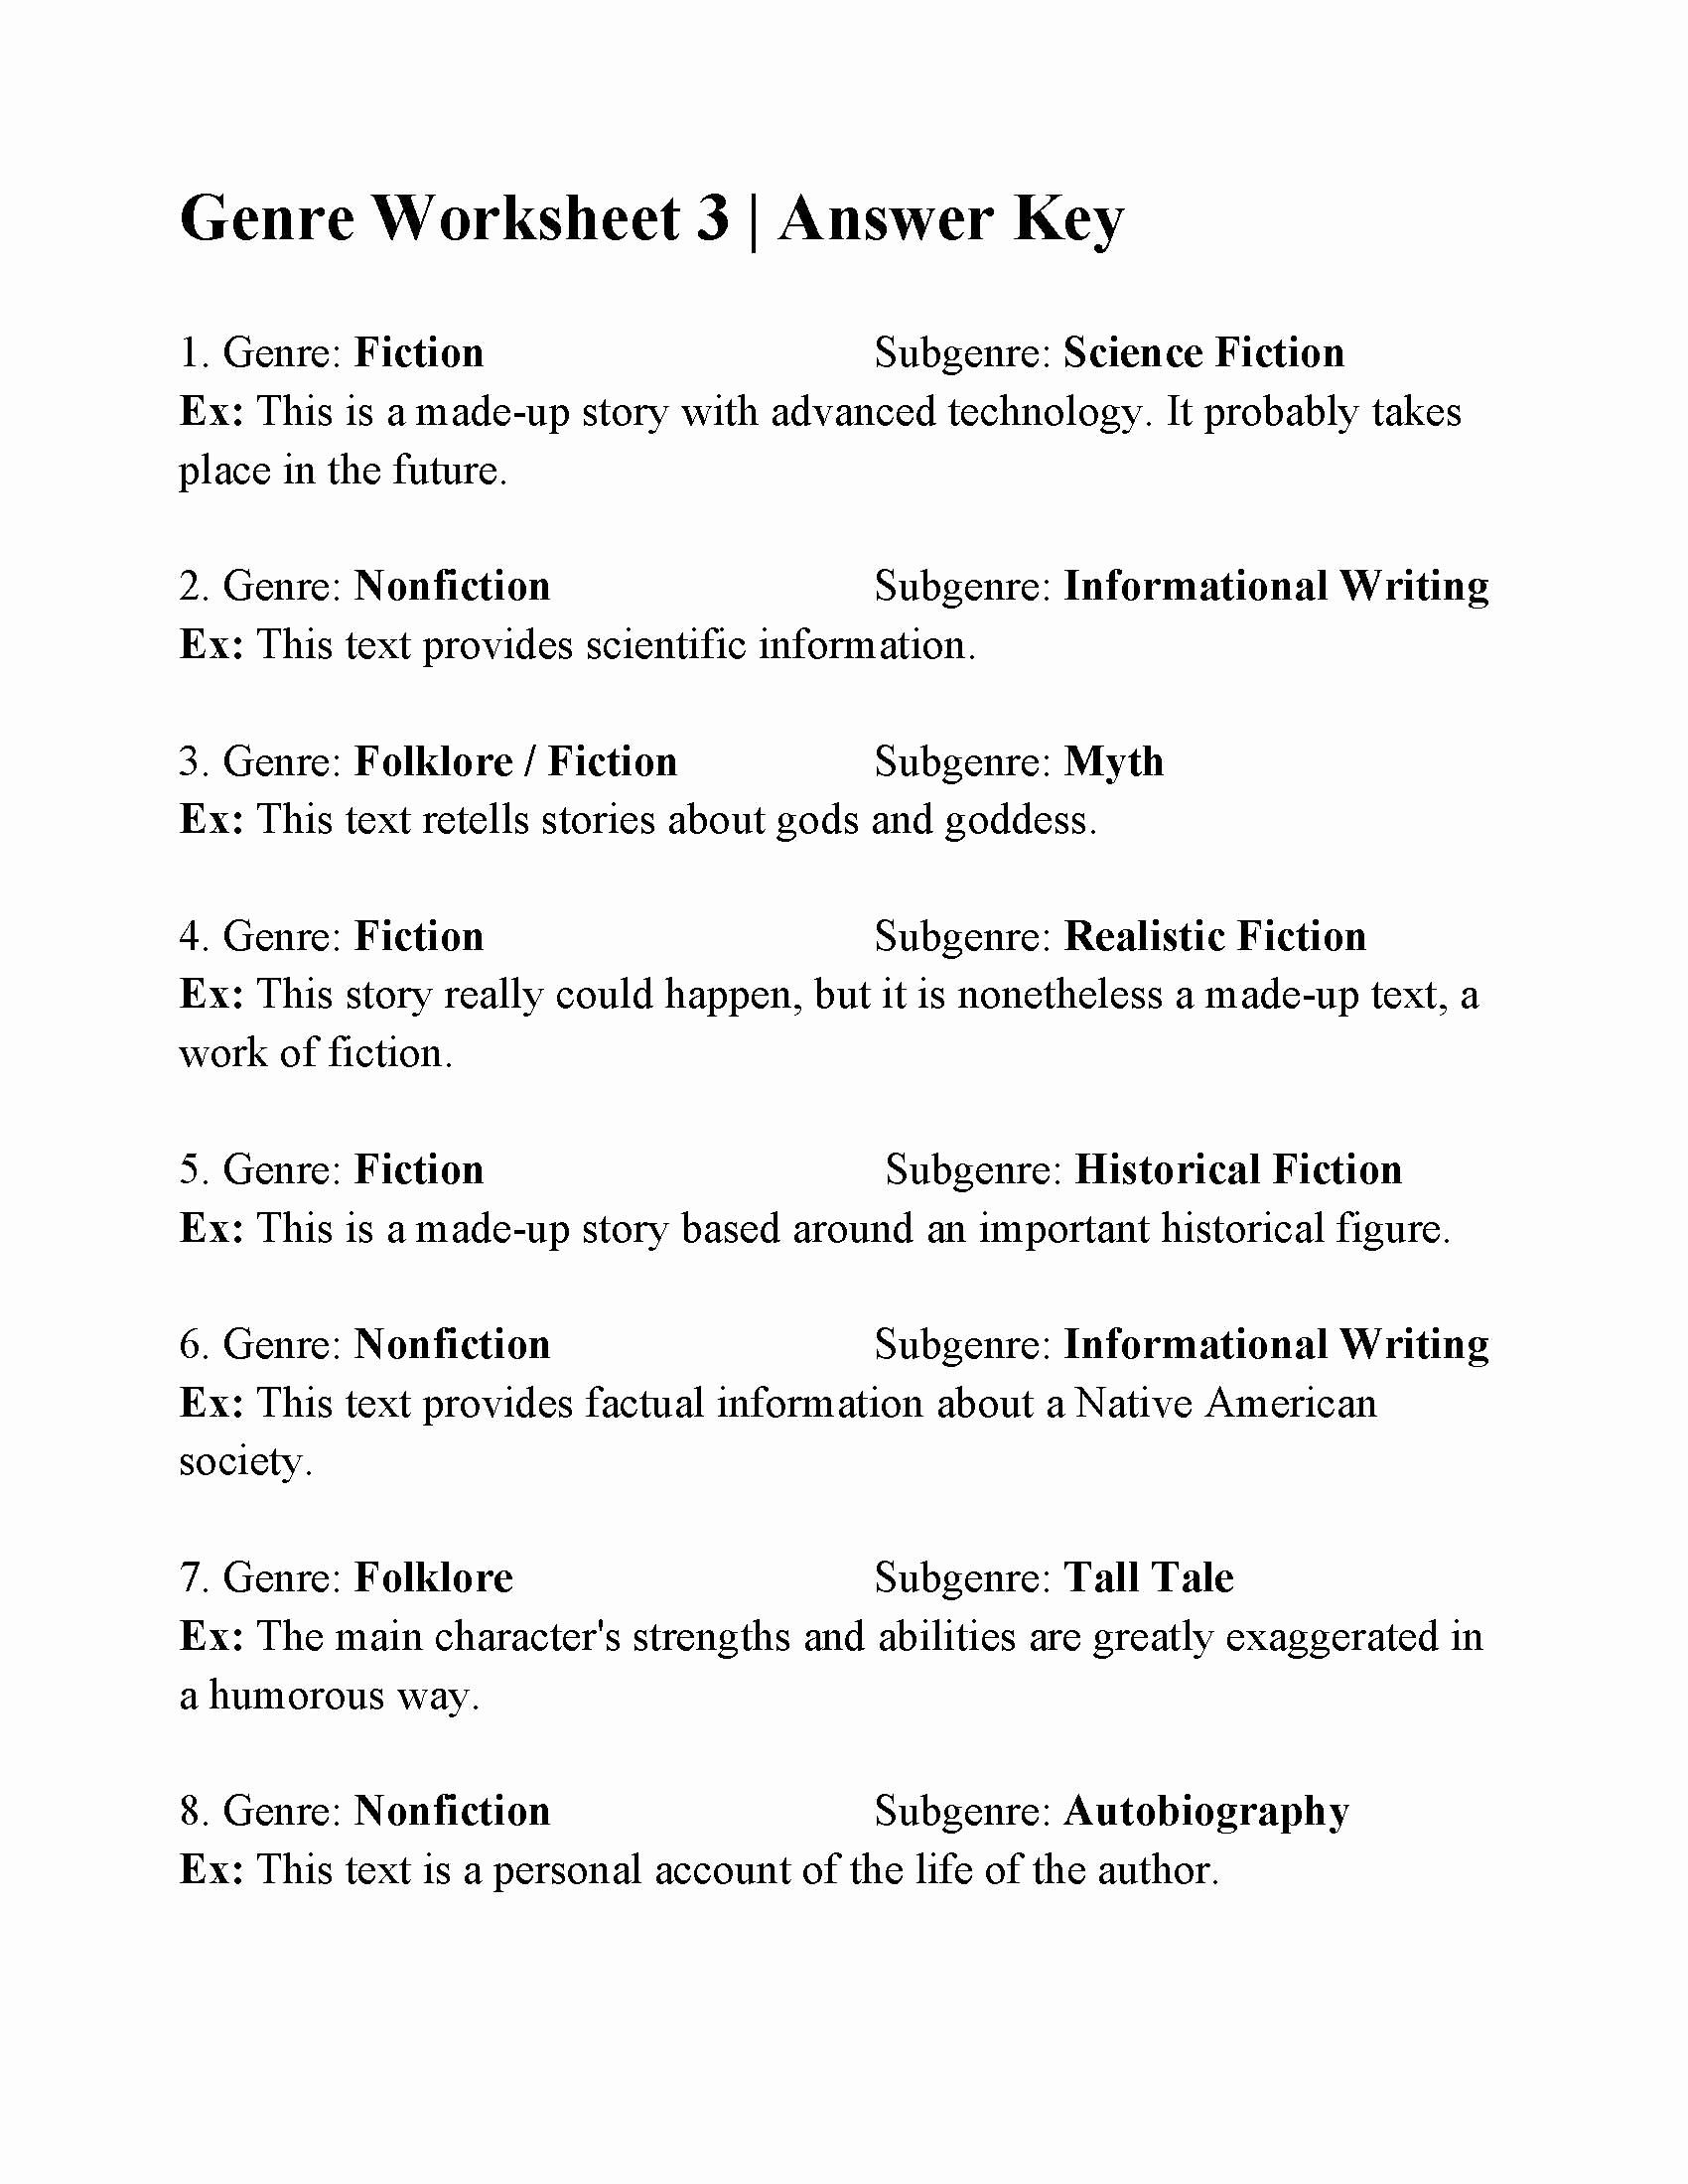 Genre Worksheets 4th Grade Elegant Genre Worksheet 3